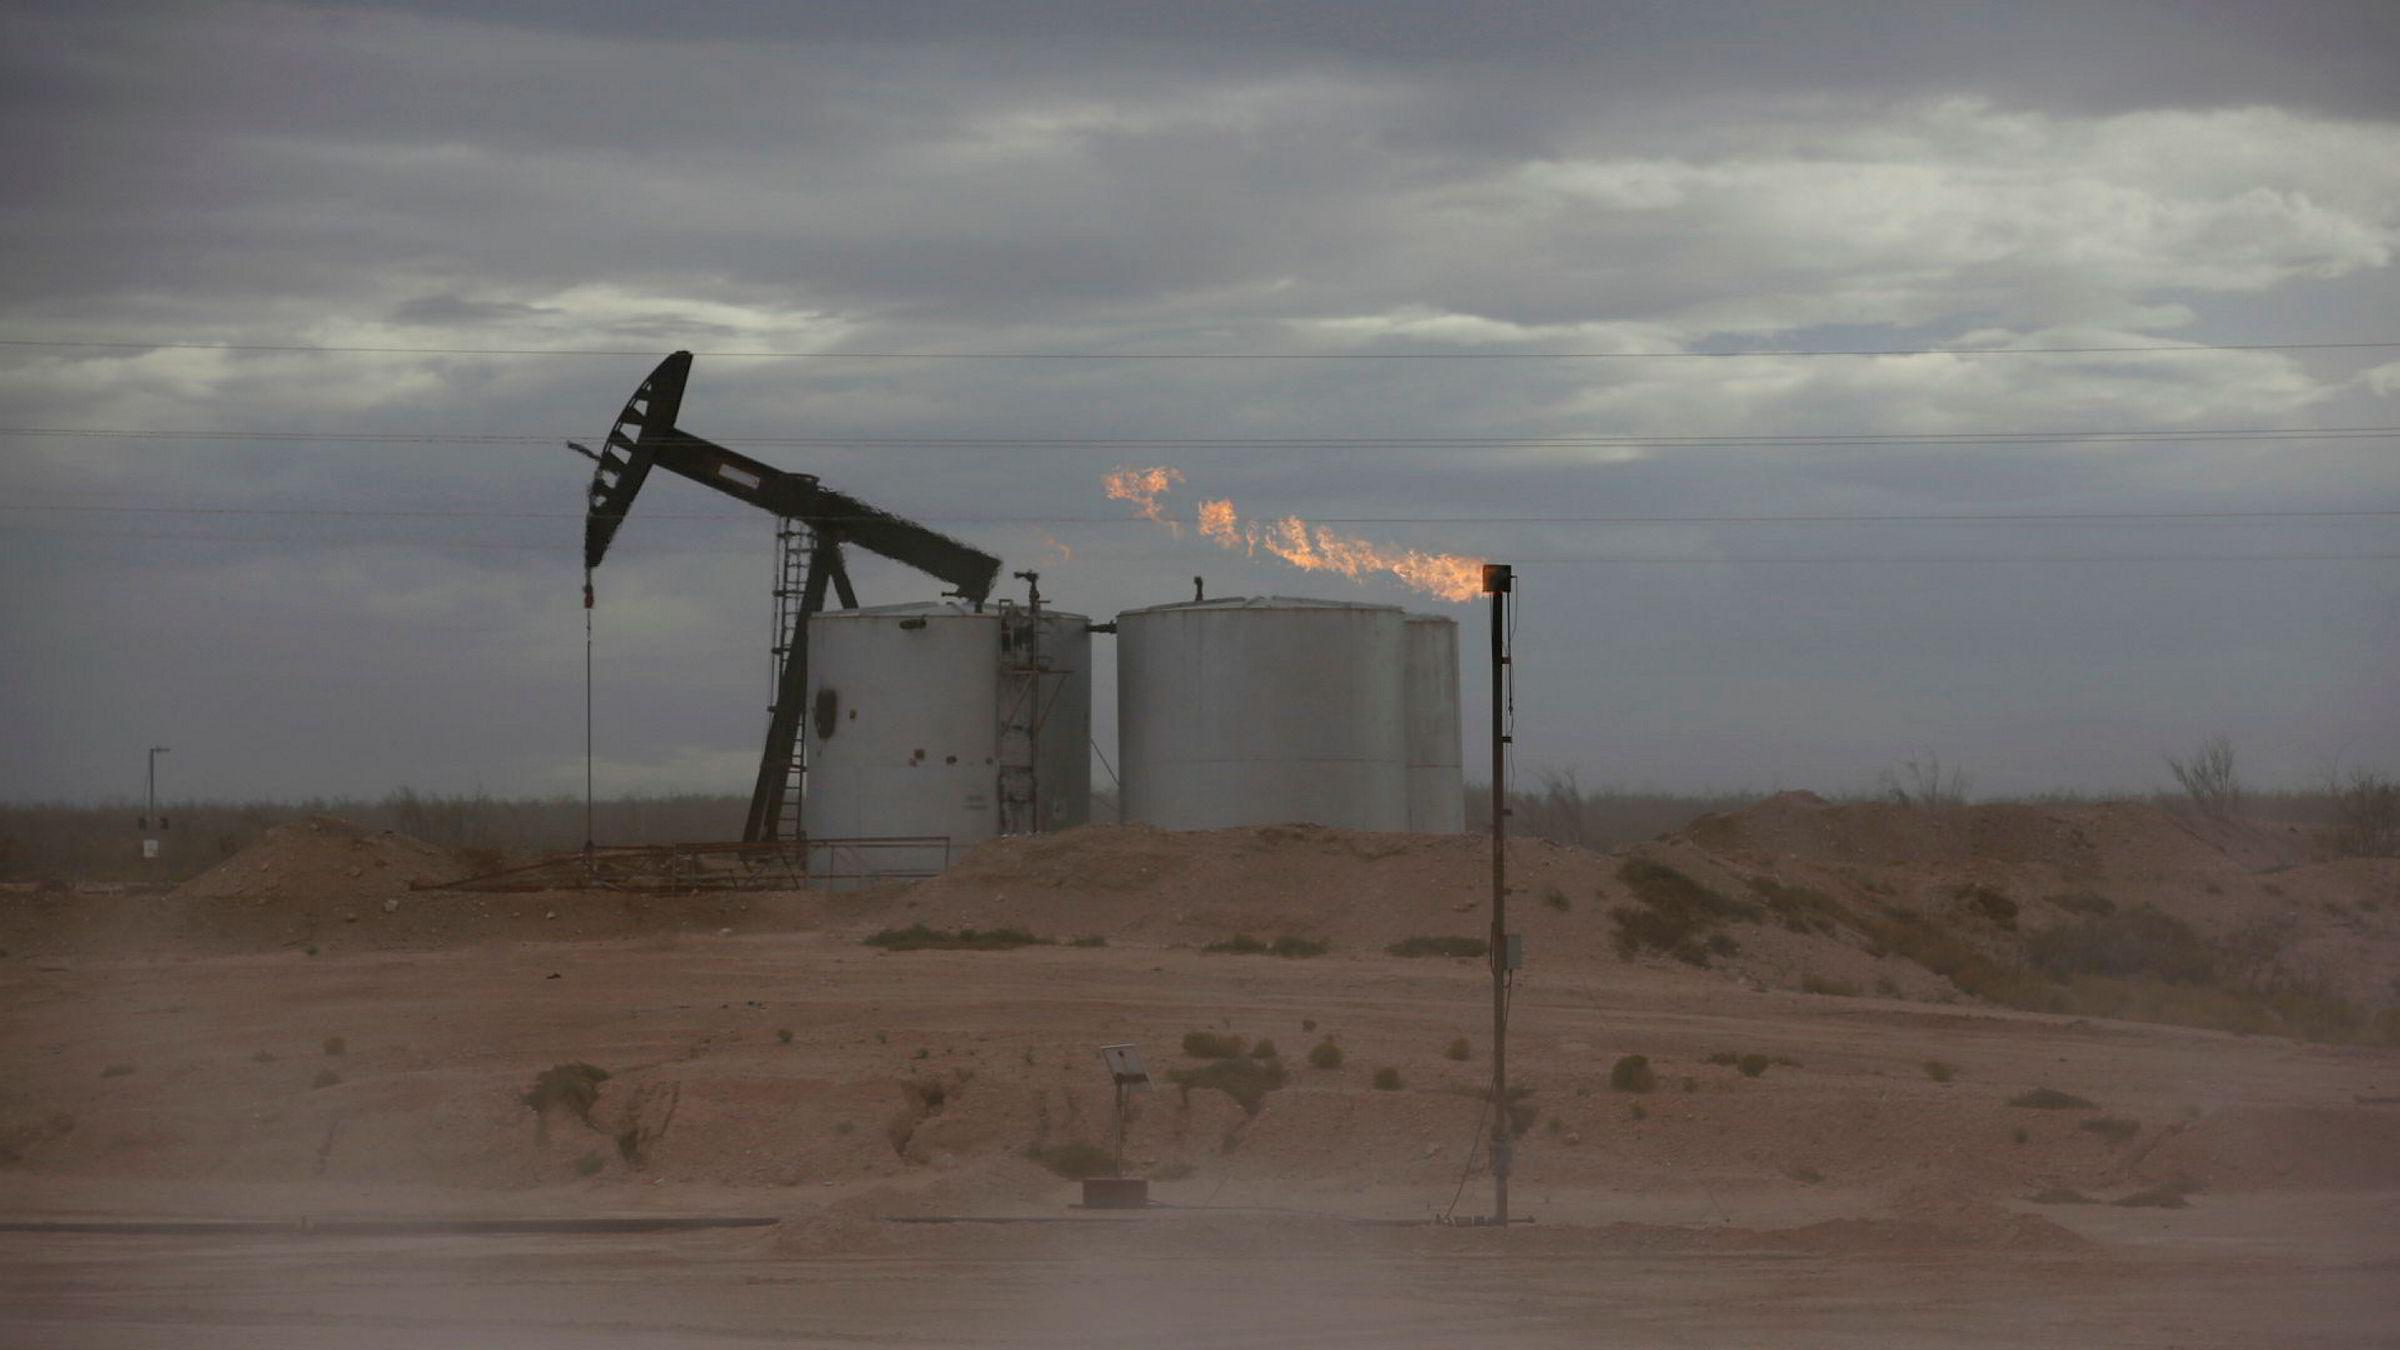 Flere oljemeglere Bloomberg har snakket med mener prisene på flere sorter råolje kan bli negativ. Dette gjelder i hovedsak olje produsert i innlandet, uten tilgang på rørledninger. Riggen på bildet er i Texas.